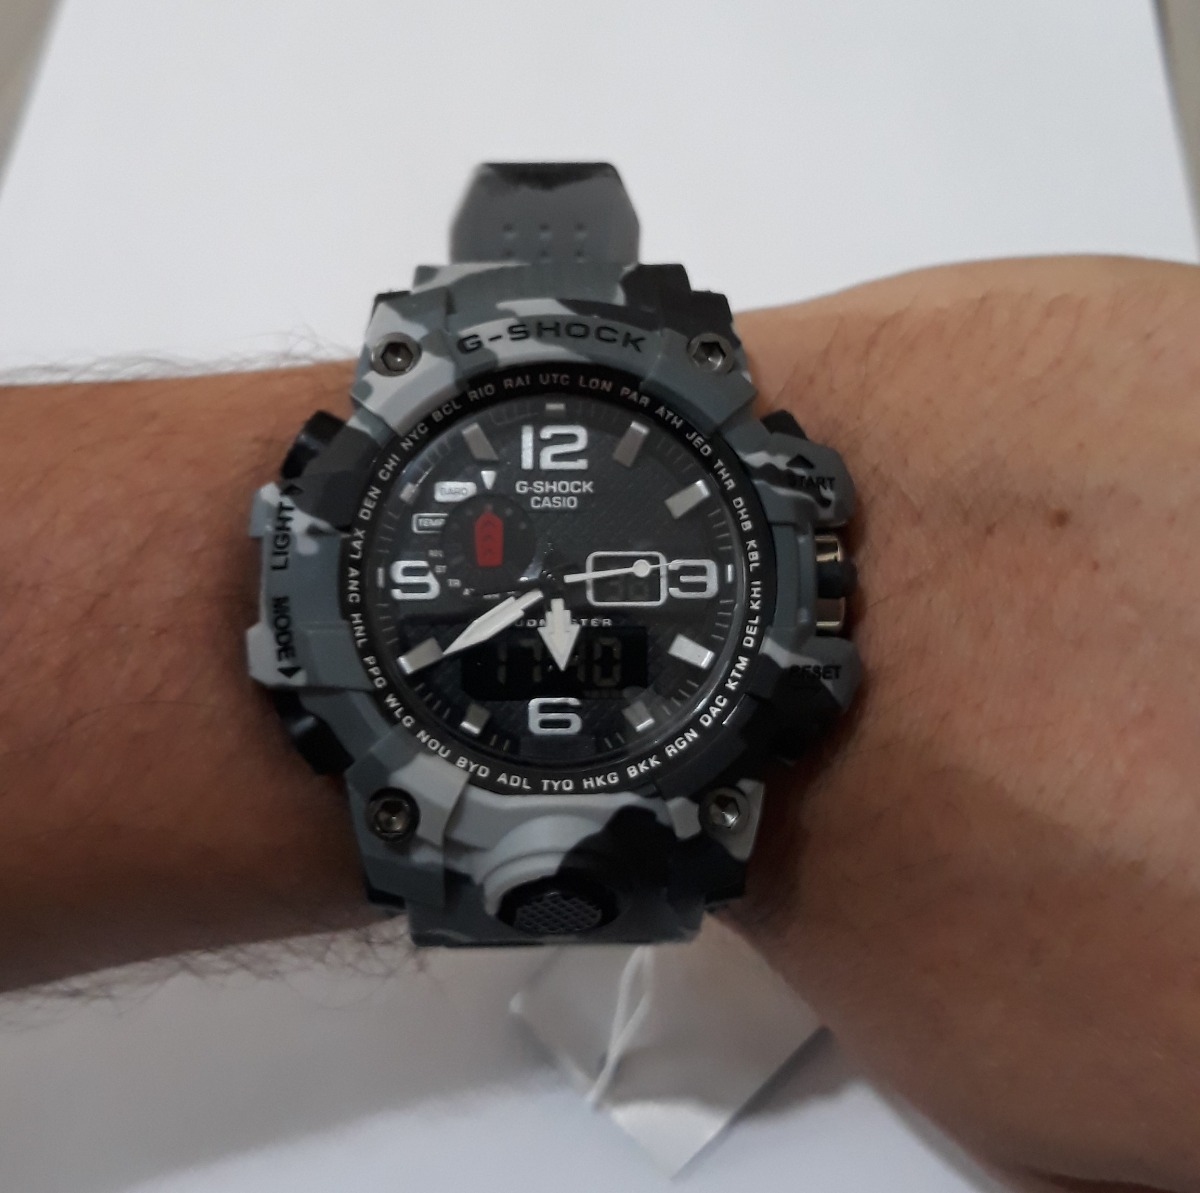 c51f902cb49 Relógio Masculino G - Shock Cinza Camuflado (à Prova D água) - R ...